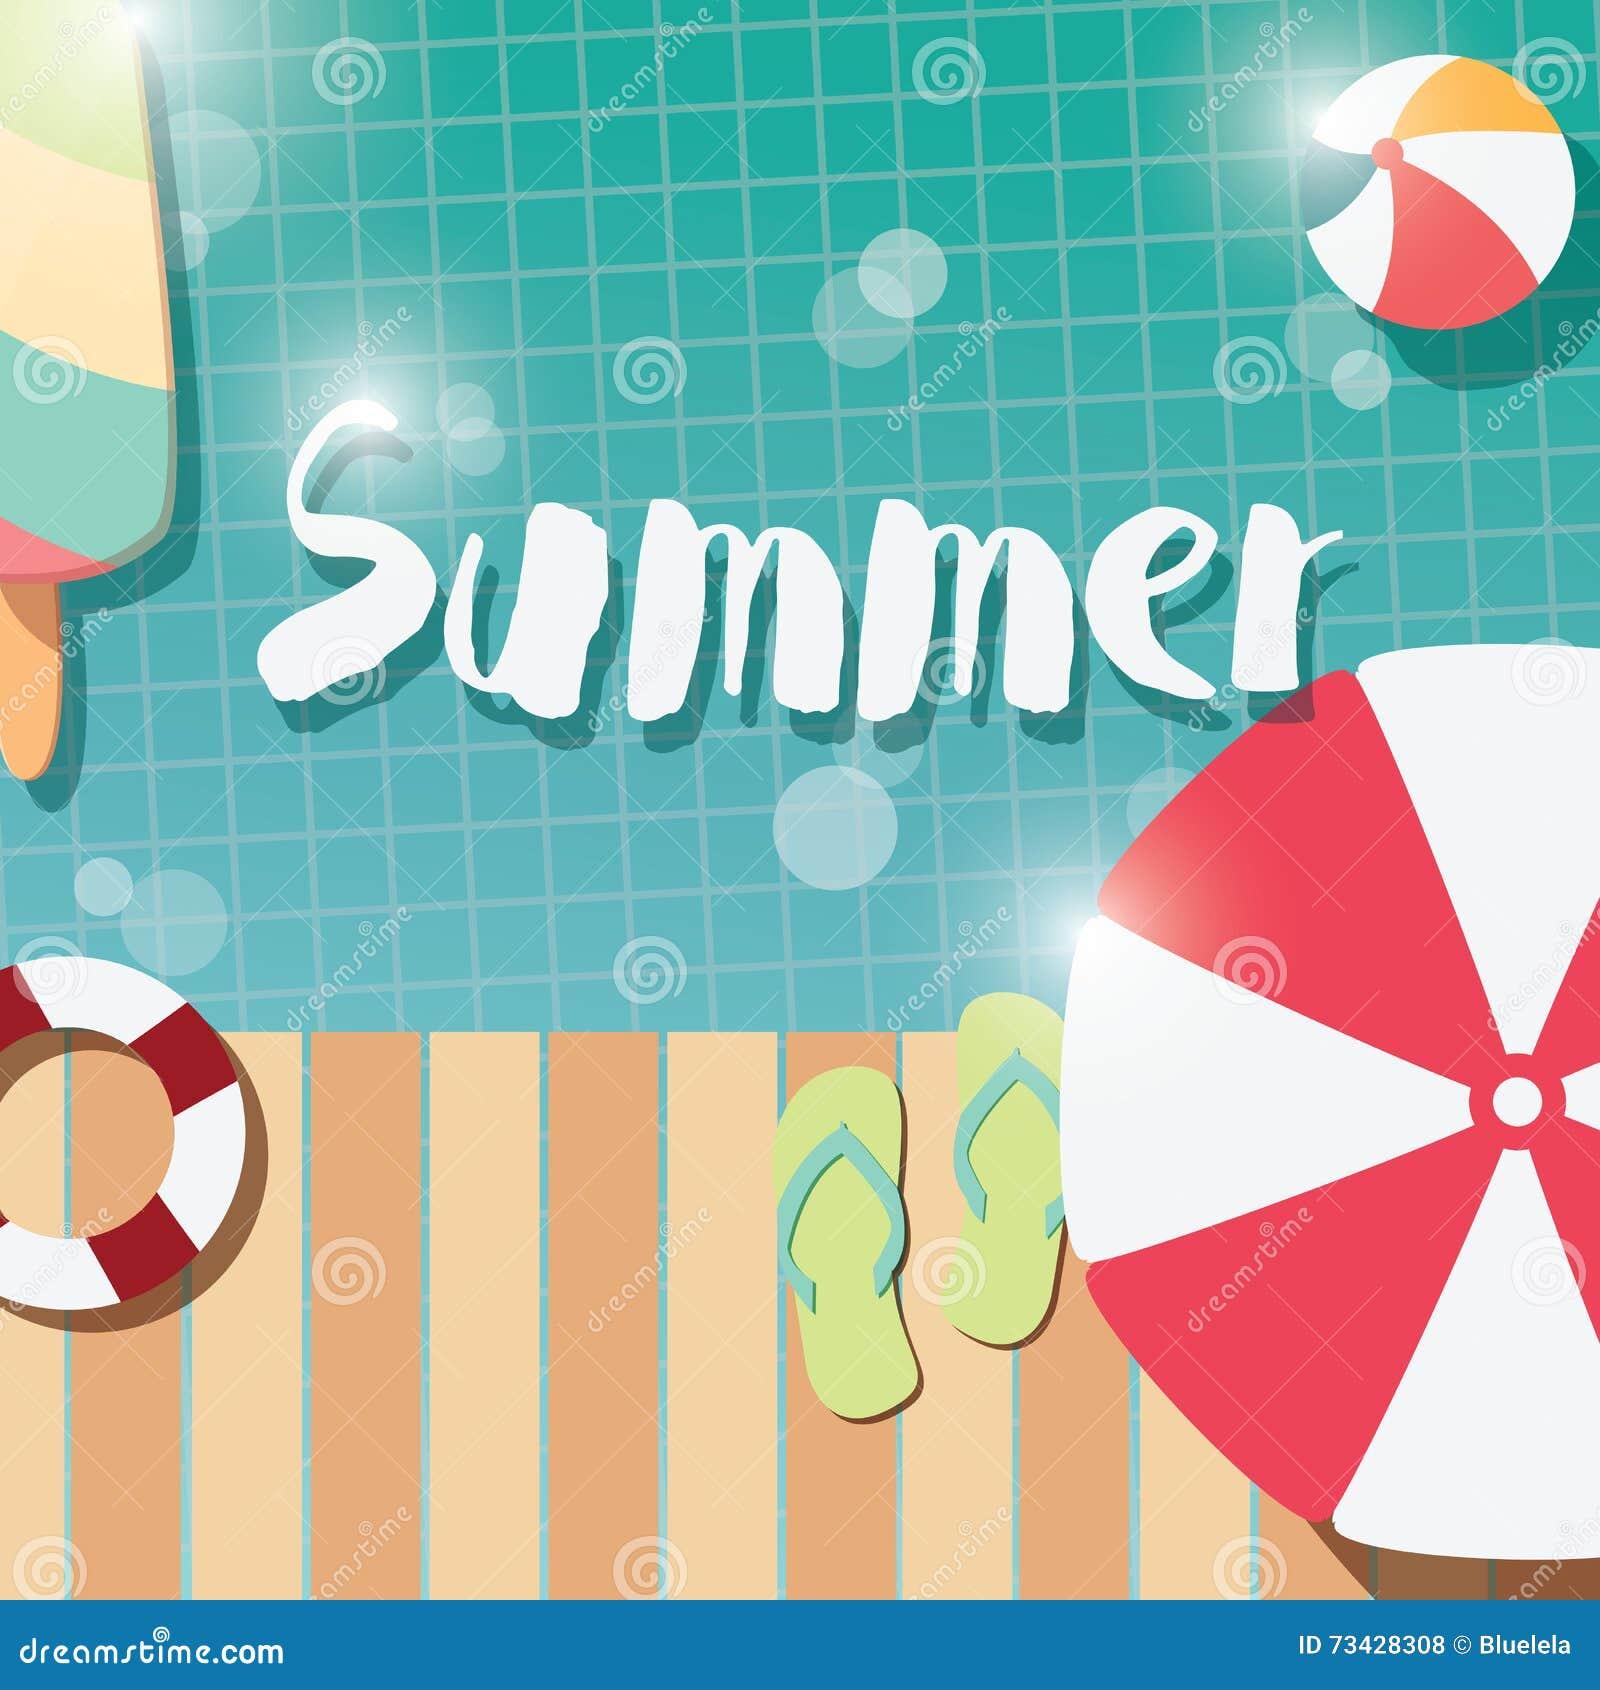 diseño tipográfico moderno del cartel del verano con helado, la